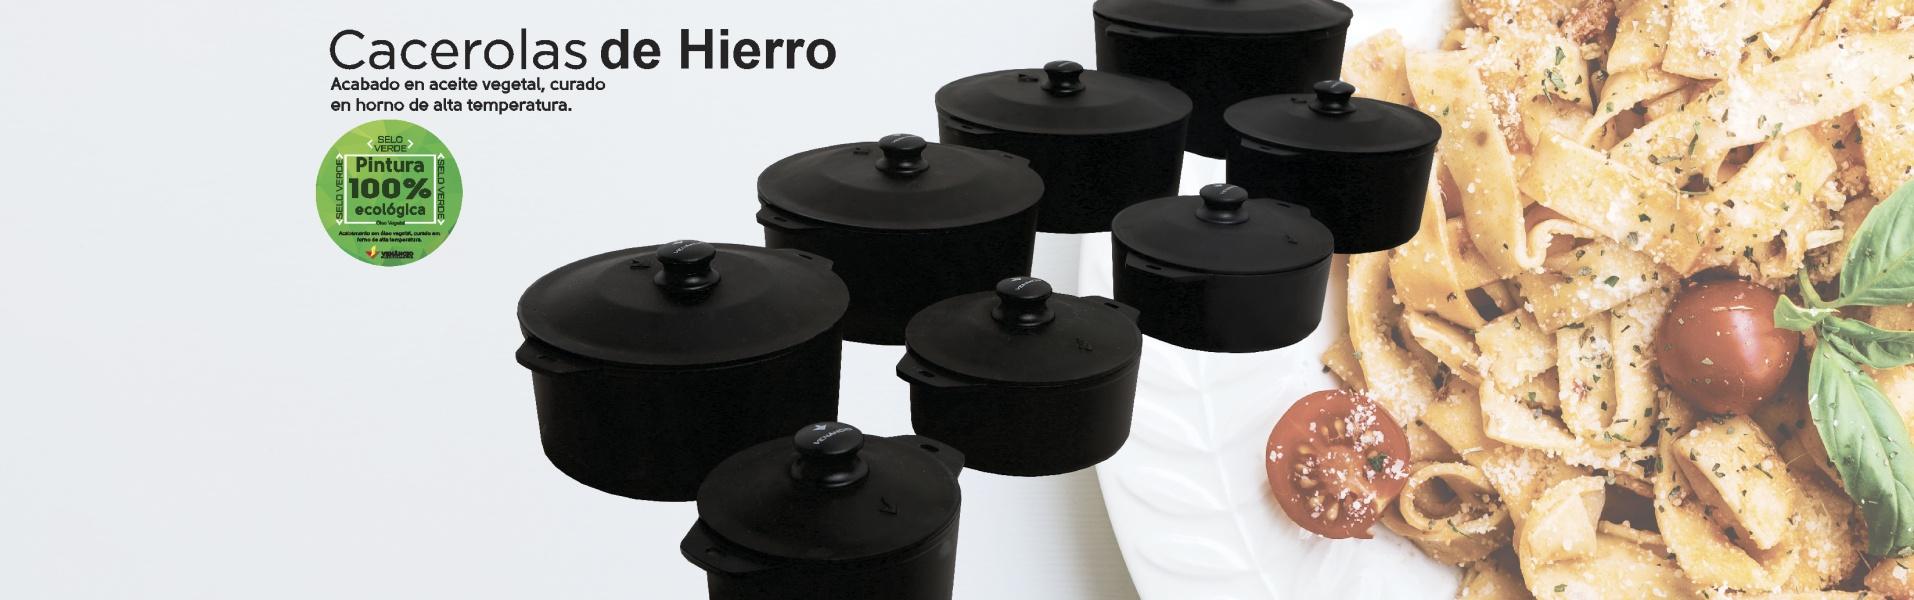 CACEROLAS DE HIERRO